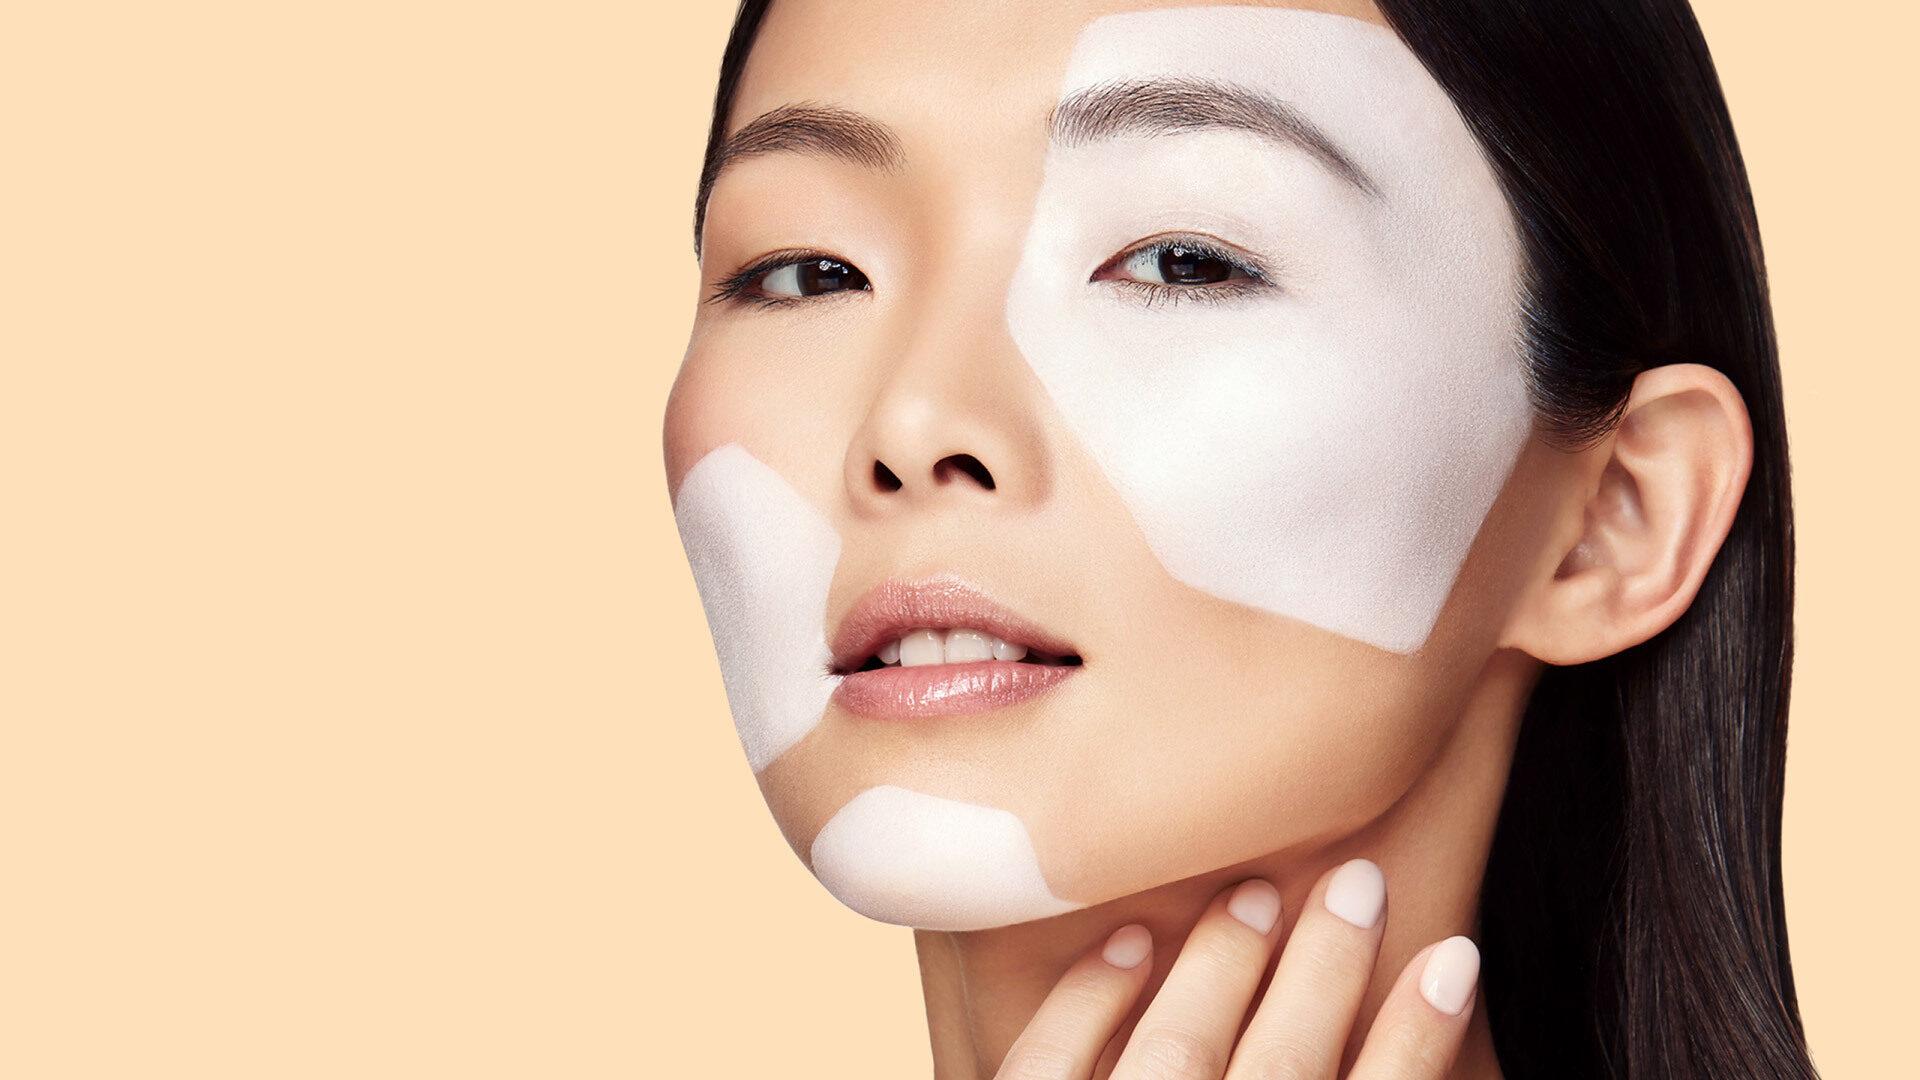 Portrait einer Frau mit weiß geschminkten Zellen im Gesicht vor beigem Hintergrund